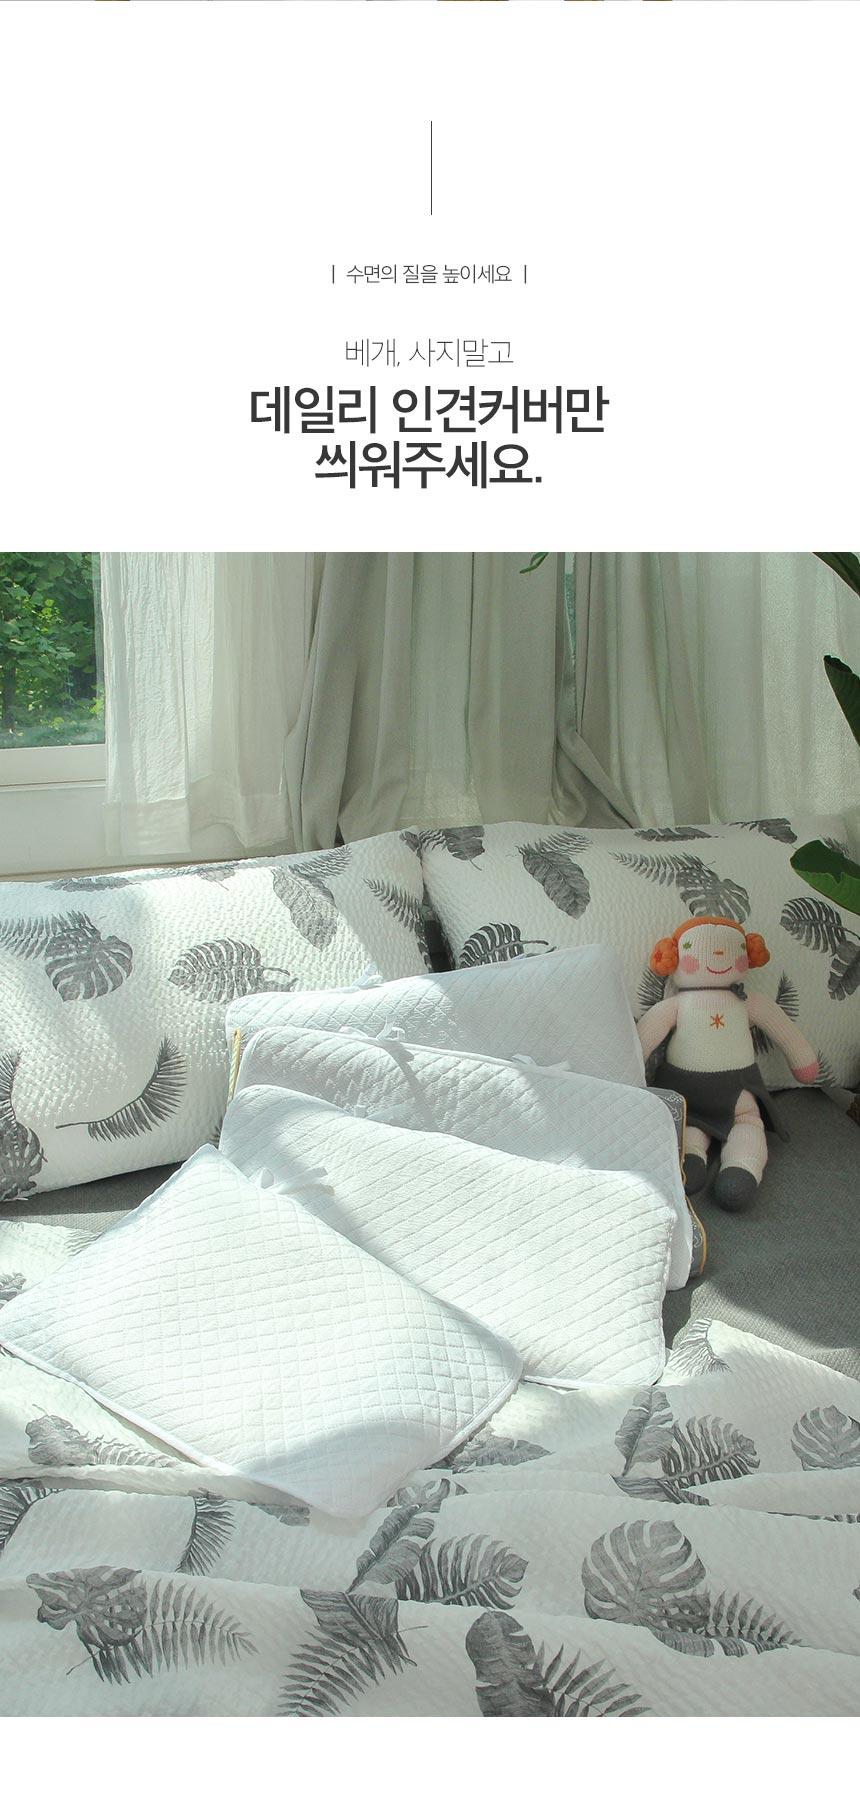 매일 바꾸는 데일리 인견베개커버 시원한 유아 어린이 여름베개 - 슬립스파, 15,900원, 패브릭/침구, 베개/필로우